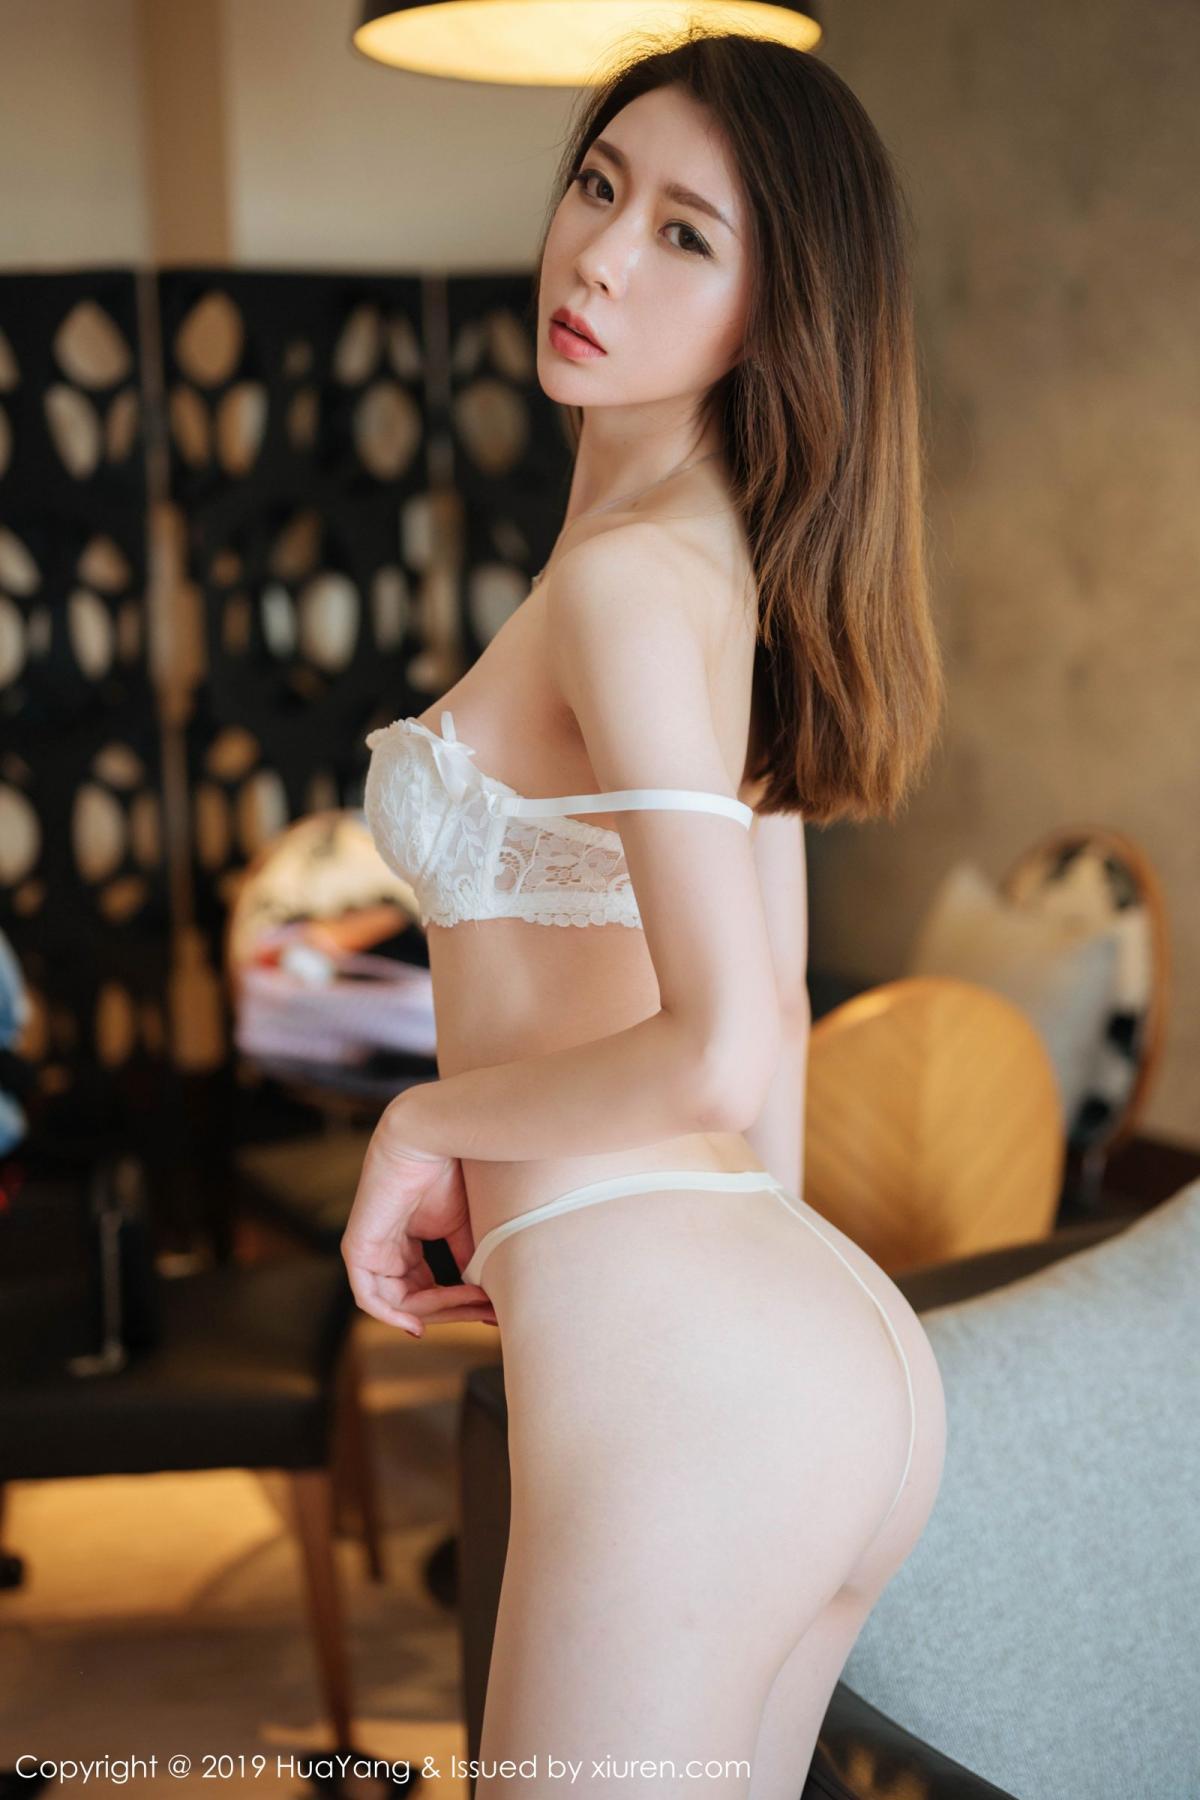 [Huayang] Vol.170 Meng Xin Yue 30P, HuaYang, Meng Xin Yue, Tall, Underwear